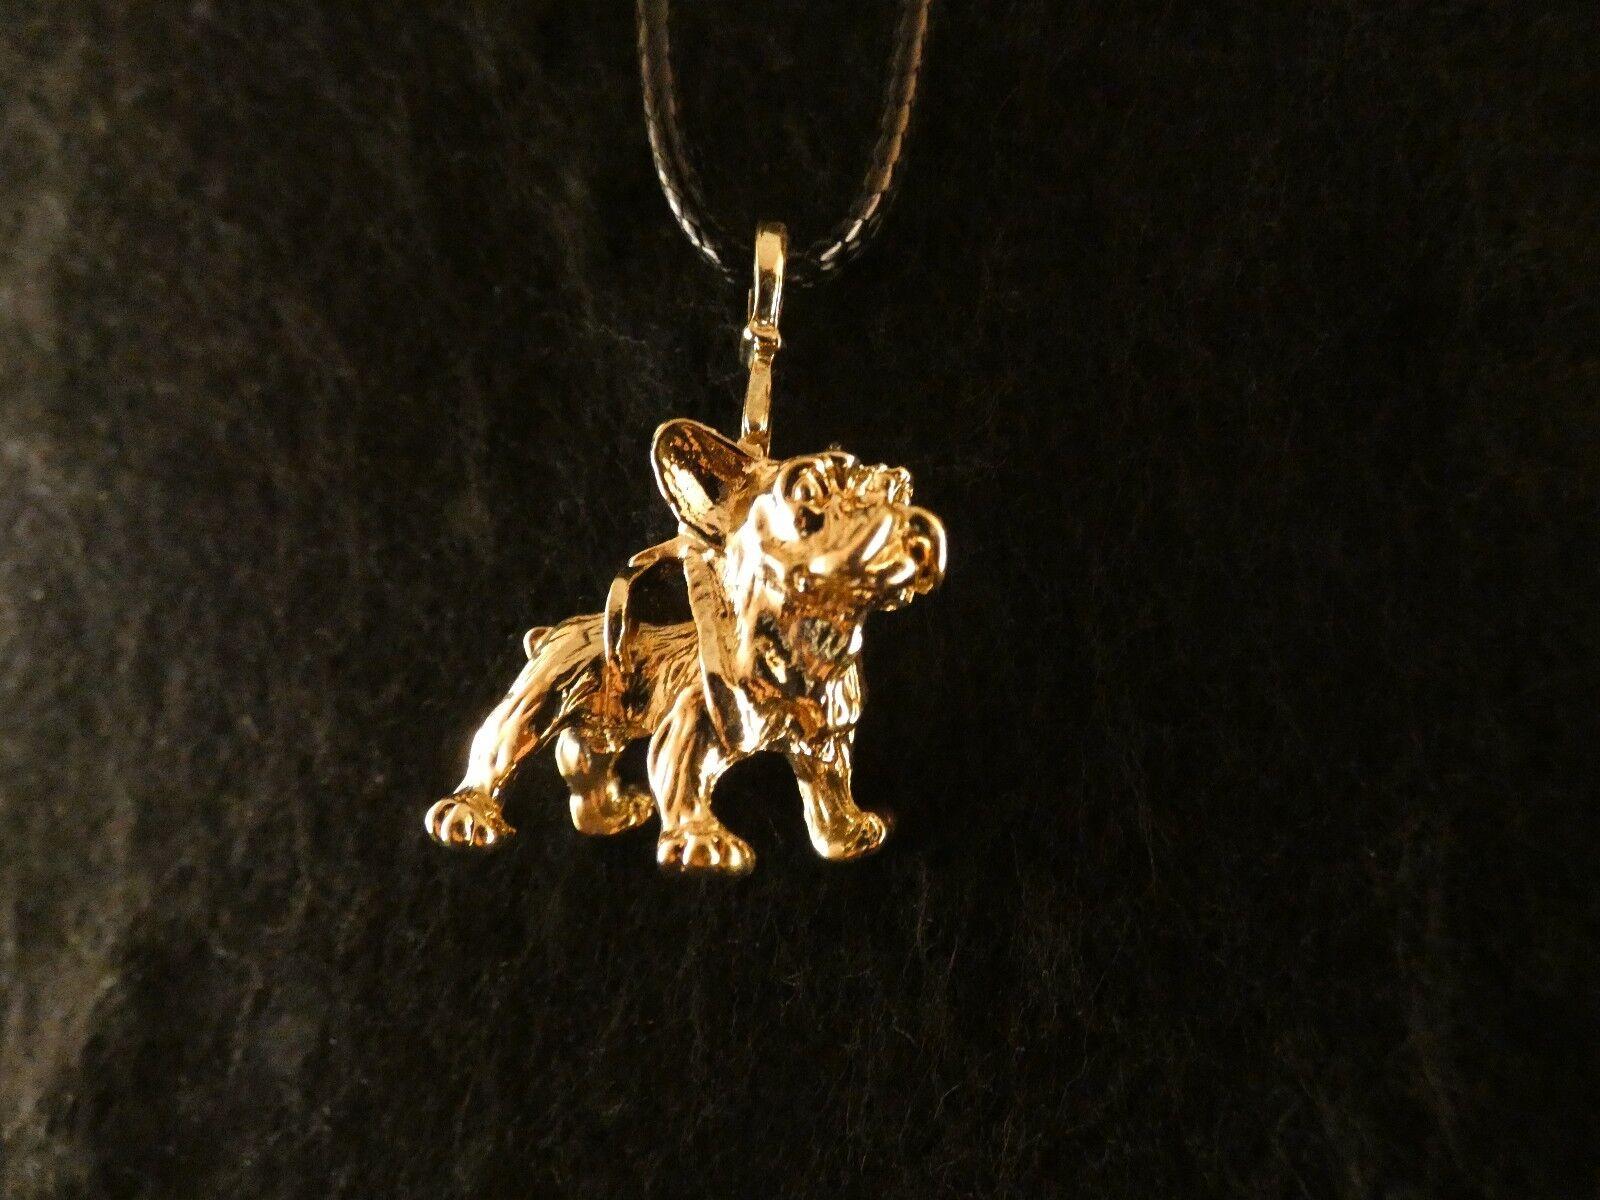 Anhänger mit Kette 24 Karat Vergoldet Französische Bulldogge Hund Dog Deluxe